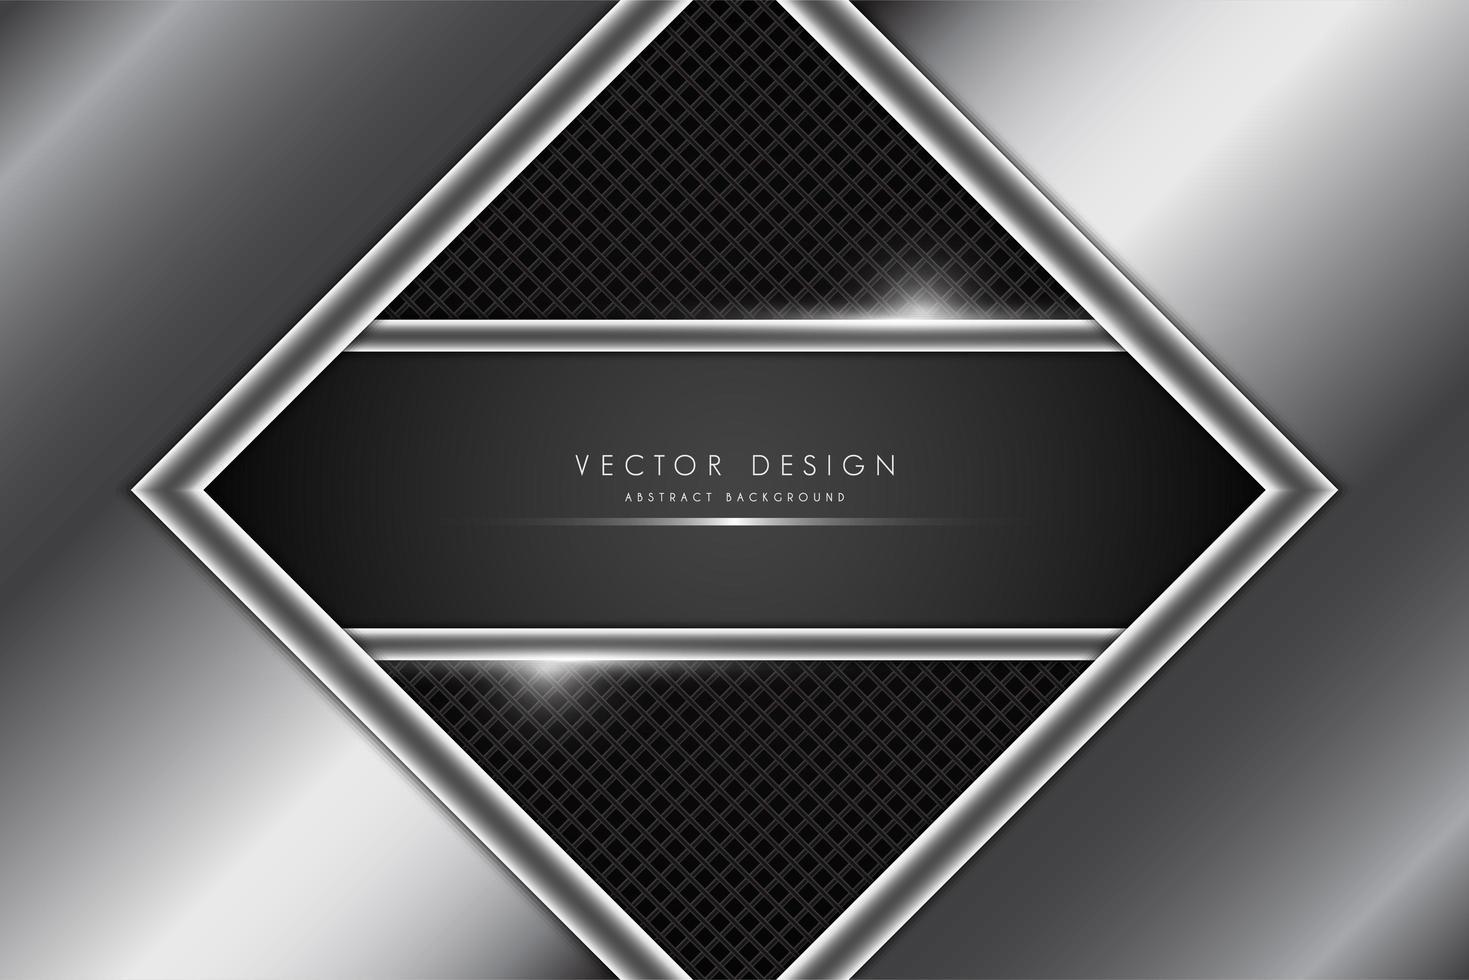 Metallic gray and silver diamond frame vector